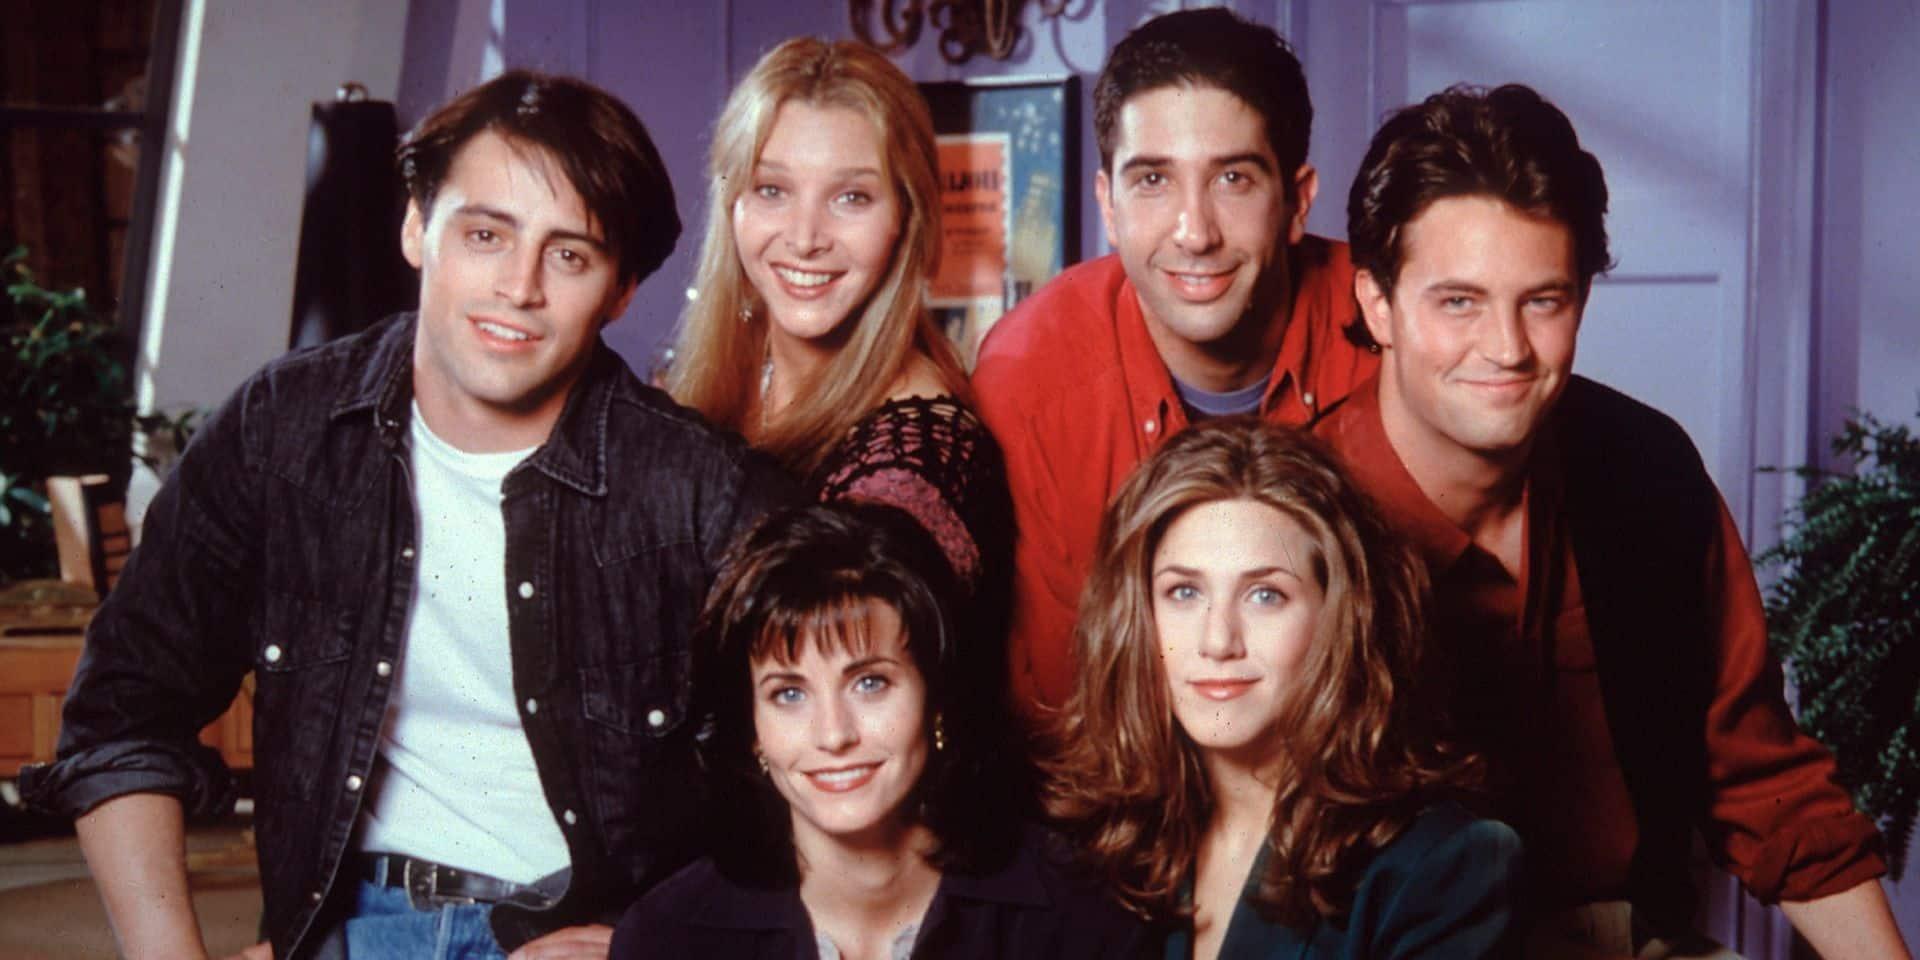 C'est officiel: les acteurs de Friends annoncent le retour de la série conjointement sur Instagram